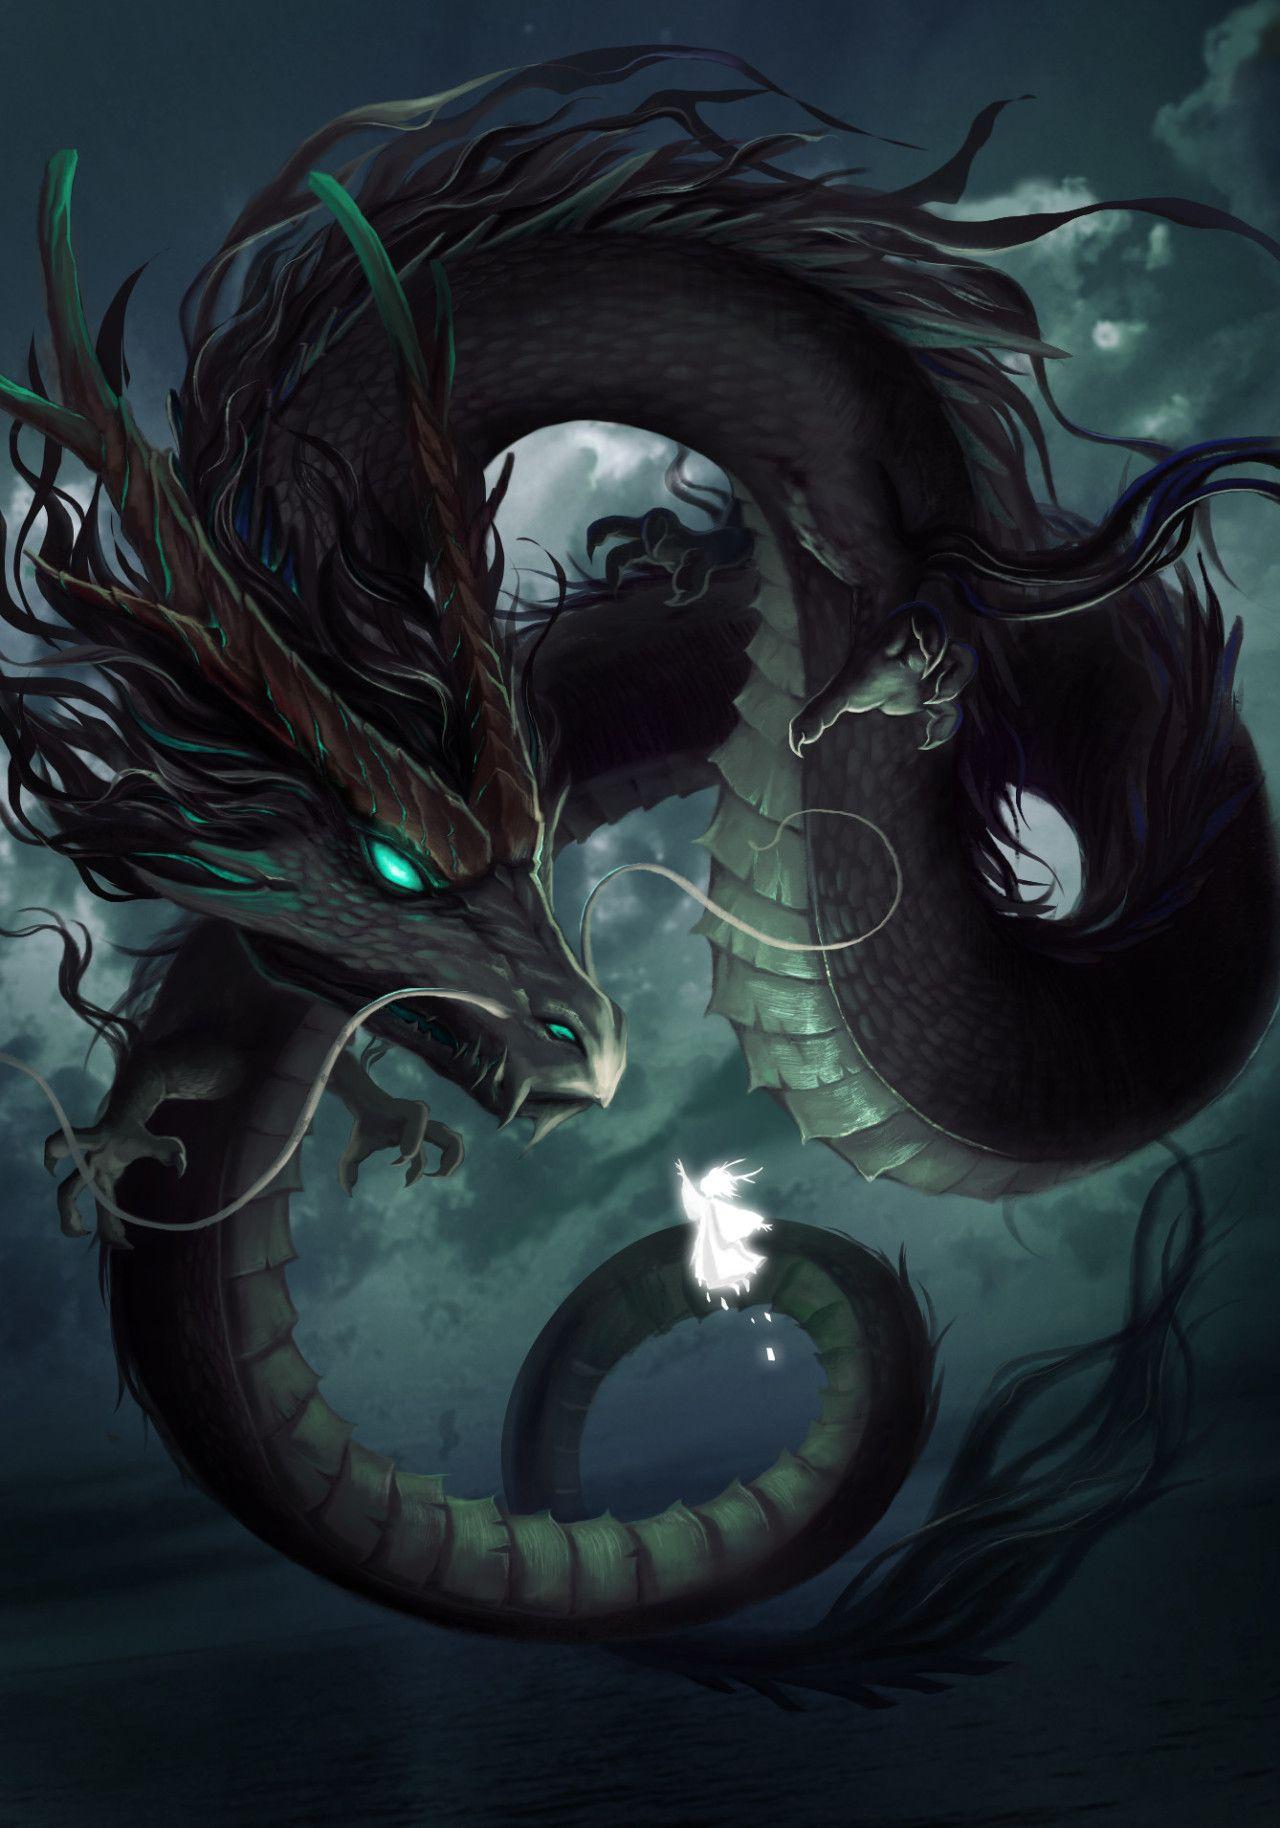 черный дракон китайский картинки уверен телефоне